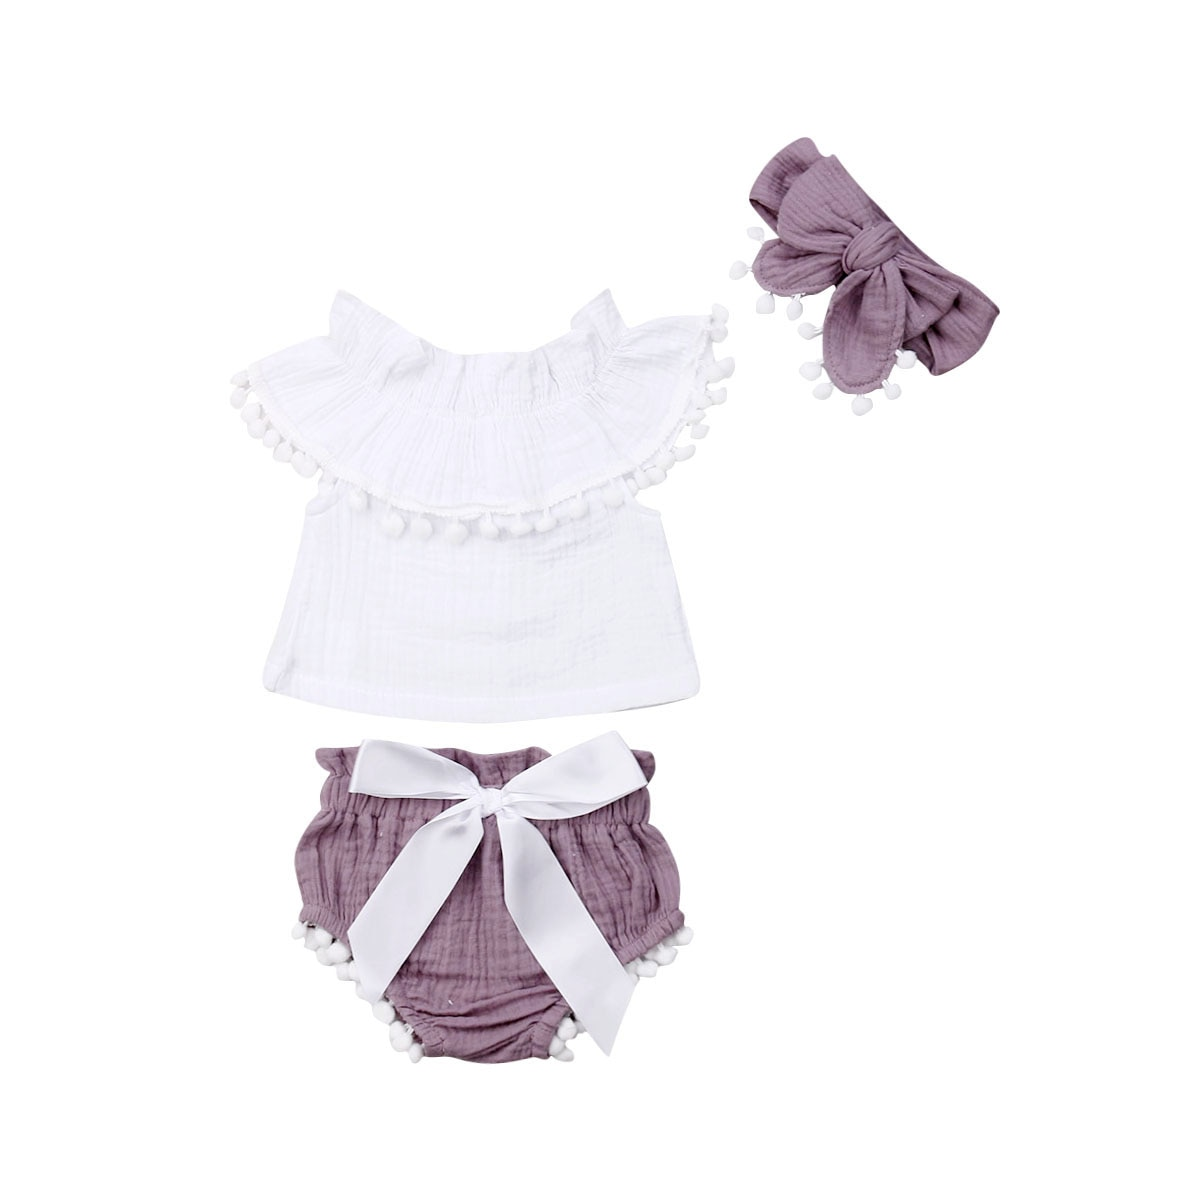 Conjunto de 3 Uds de ropa de verano de 0-24 M, camiseta blanca con bola de borla sin mangas para recién nacidos, Pantalón corto con moño y diadema